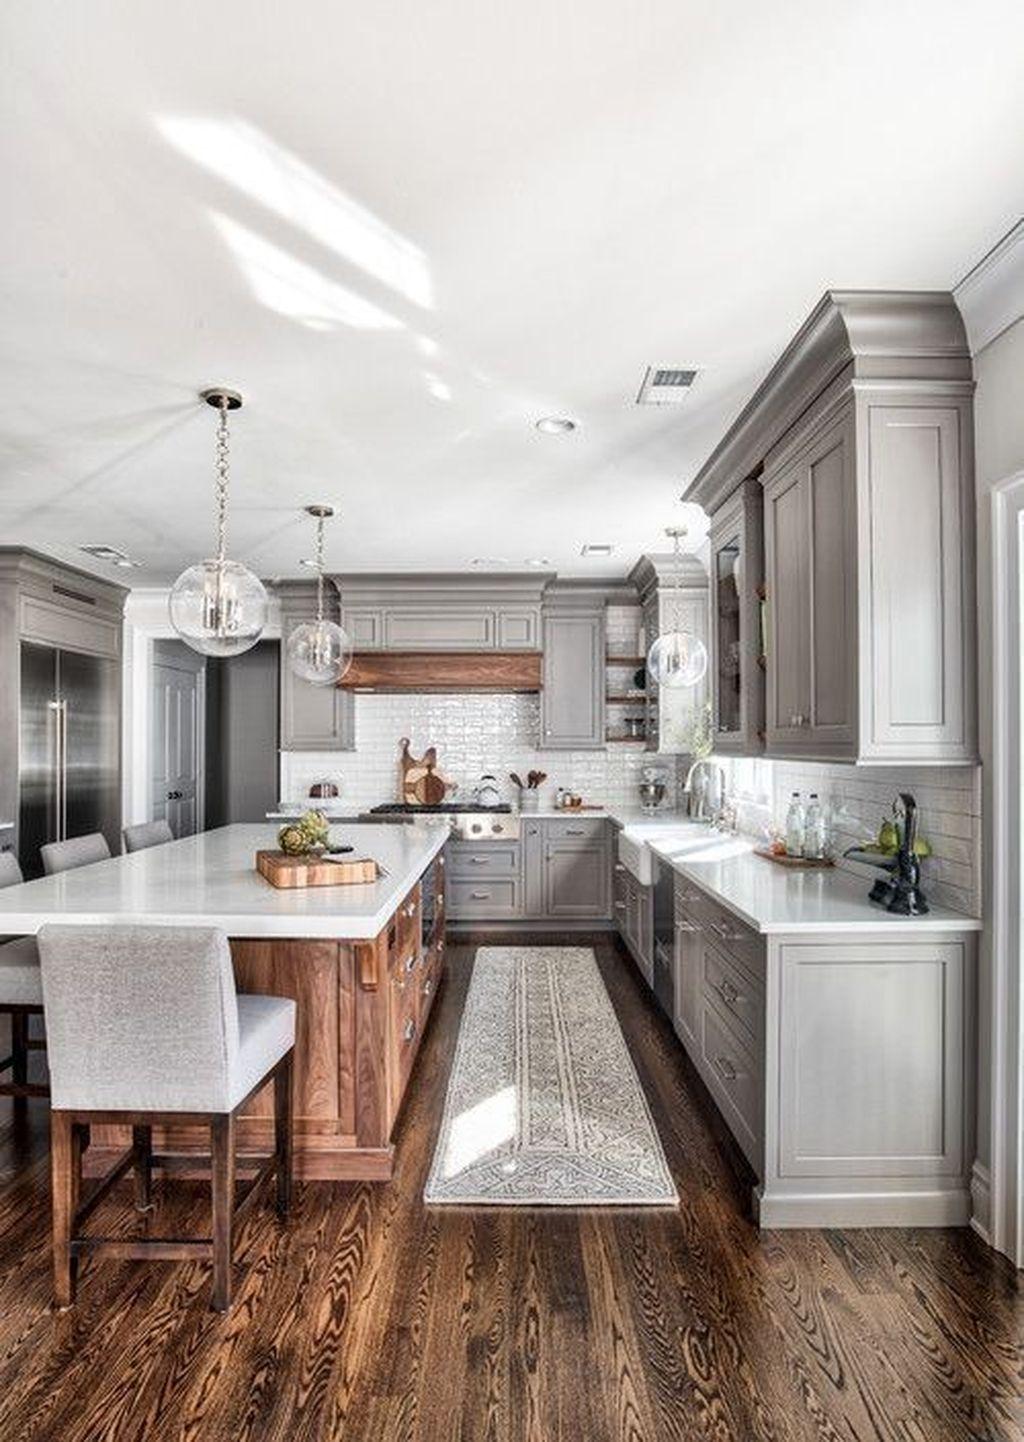 15 Inexpensive Farmhouse Kitchen Design Ideas On A Budget en 15